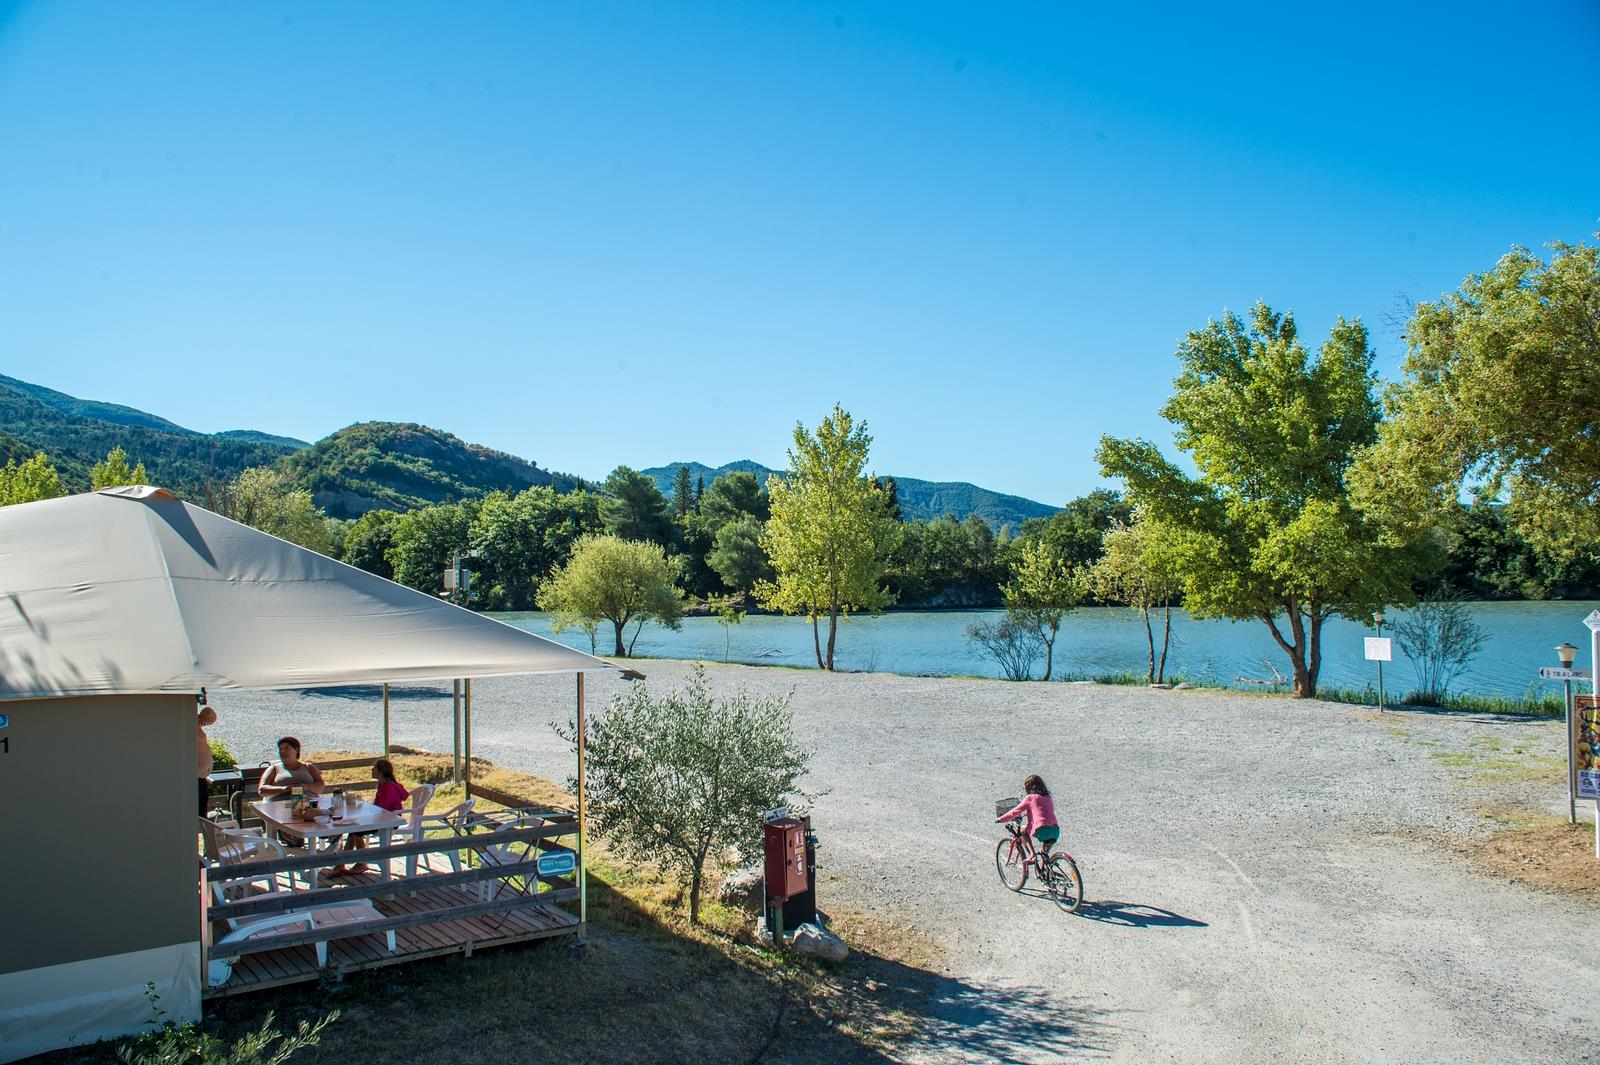 Camping Sunêlia l'Hippocampe, Volonne, Alpes-de-Haute-Provence